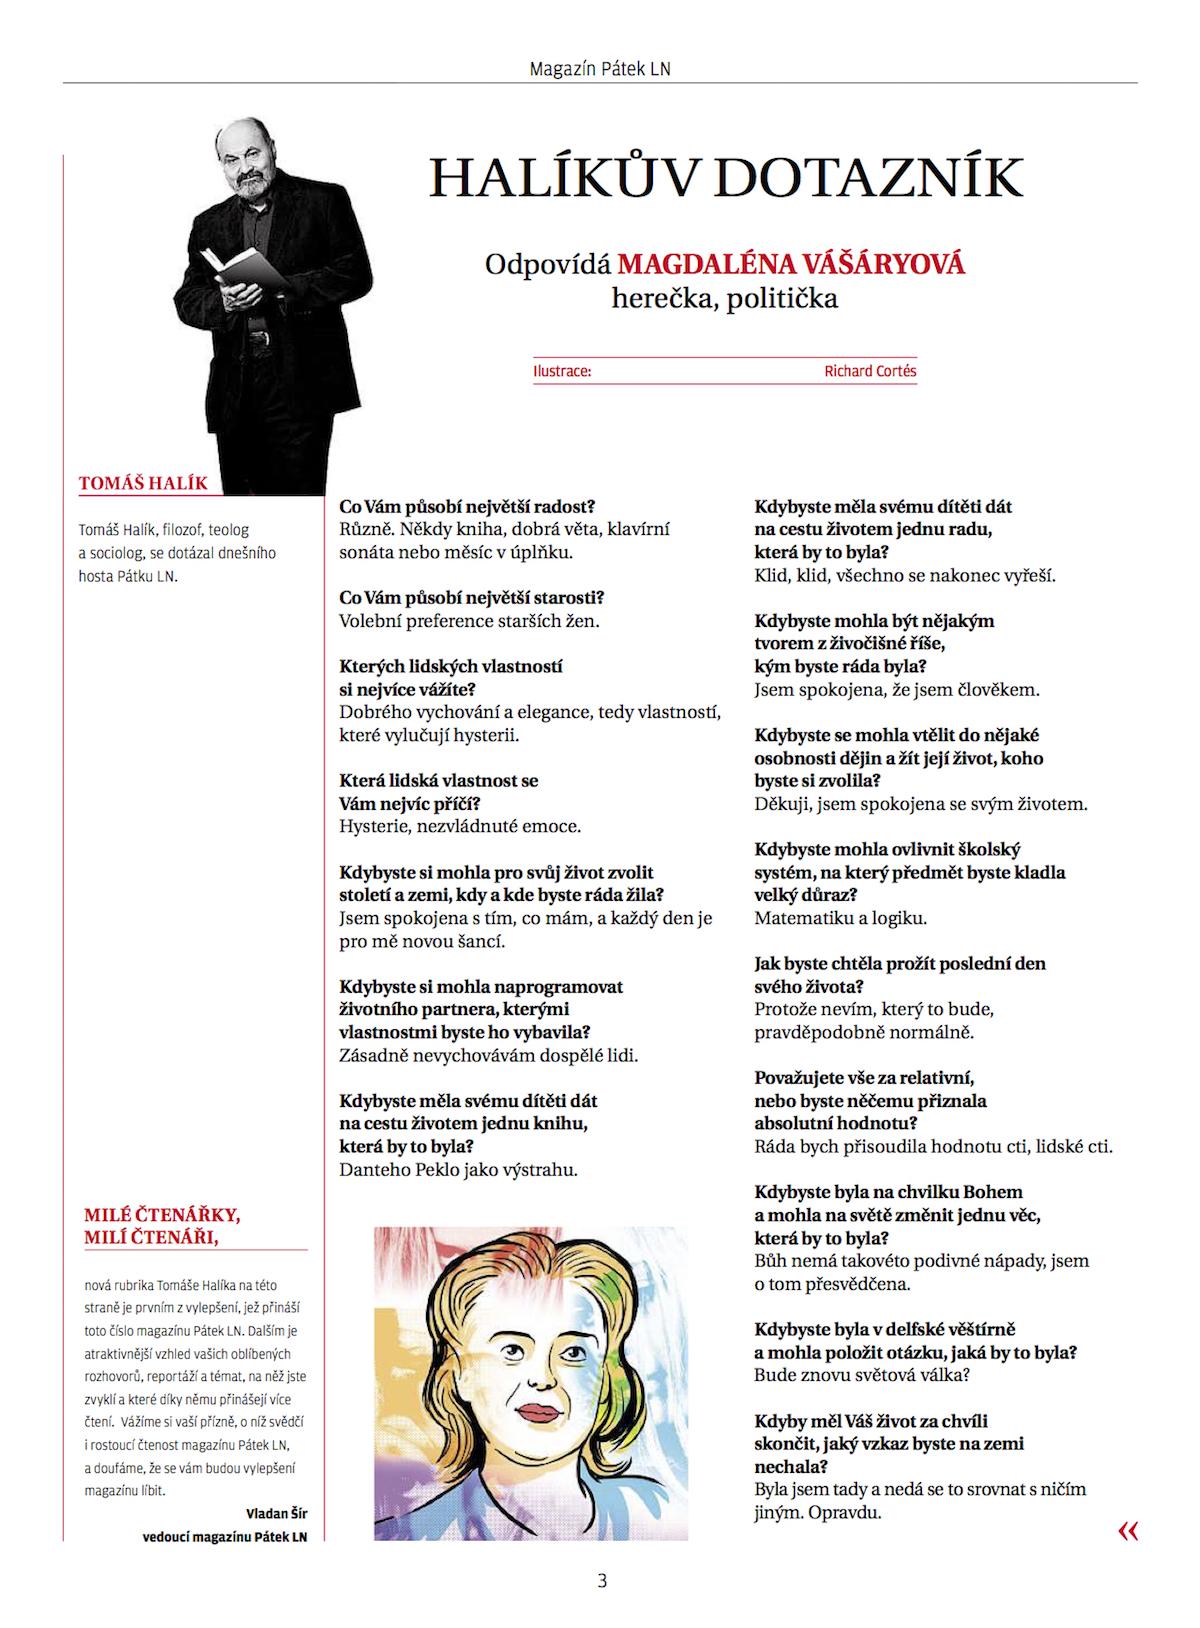 Nová podoba přílohy Pátek Lidových novin, uvedená v listopadu 2014: přibyla rubrika Tomáše Halíka